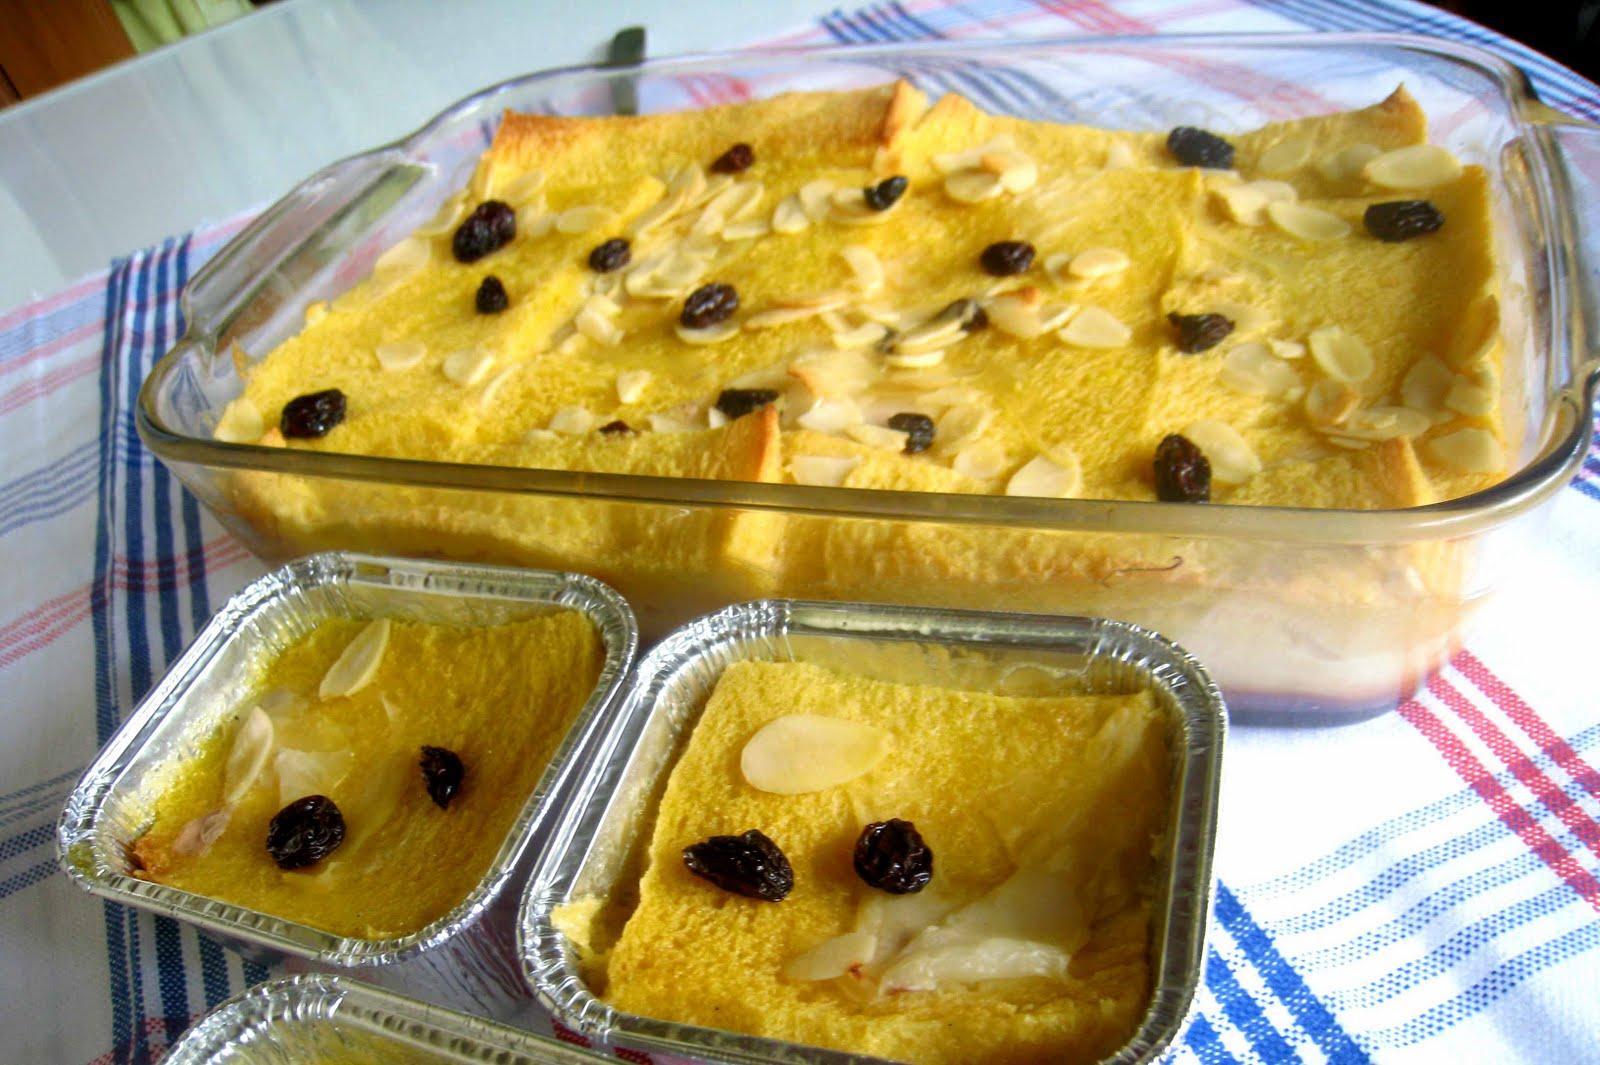 resepi kek coklat dengan topping bengkang roti kukus